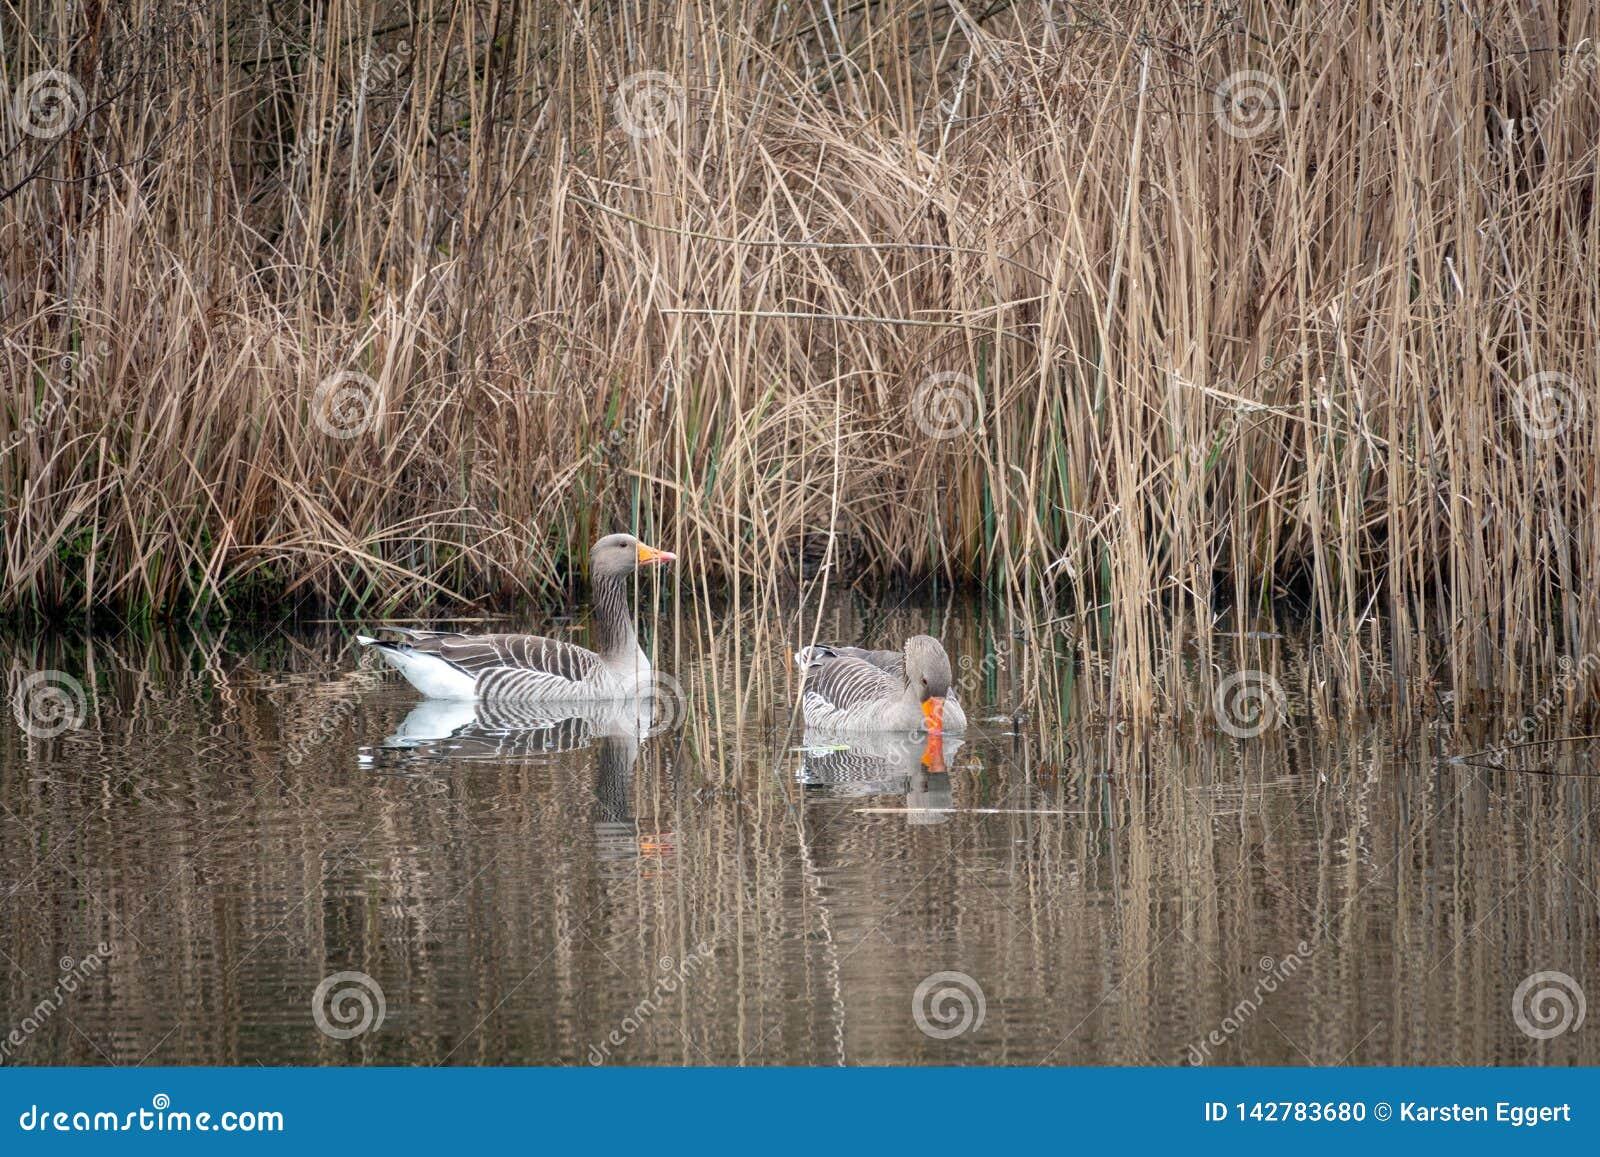 2 graue Gänse, die auf einem See schwimmen